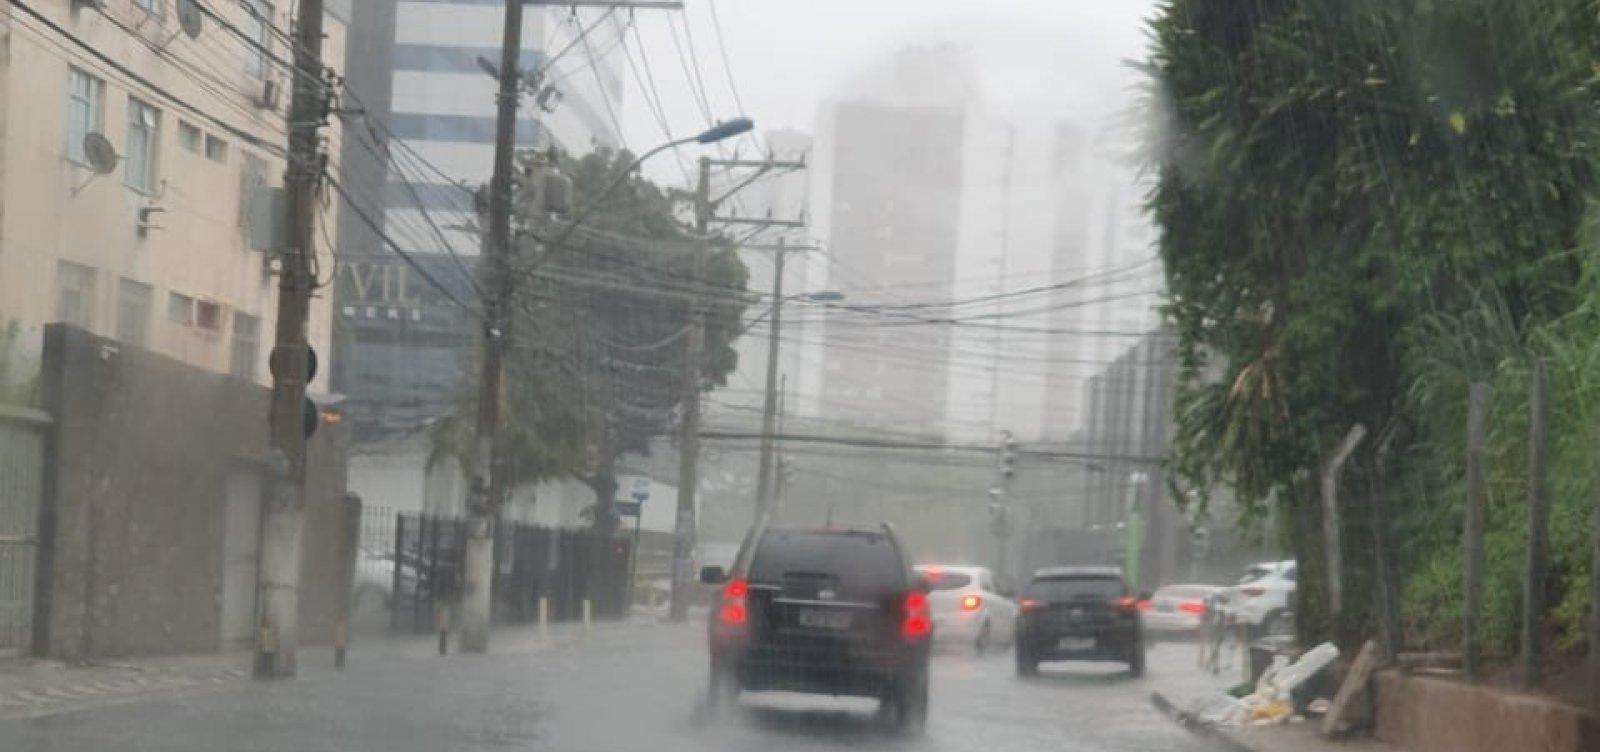 Salvador tem possibilidade de chuvas fracas até sábado, diz previsão